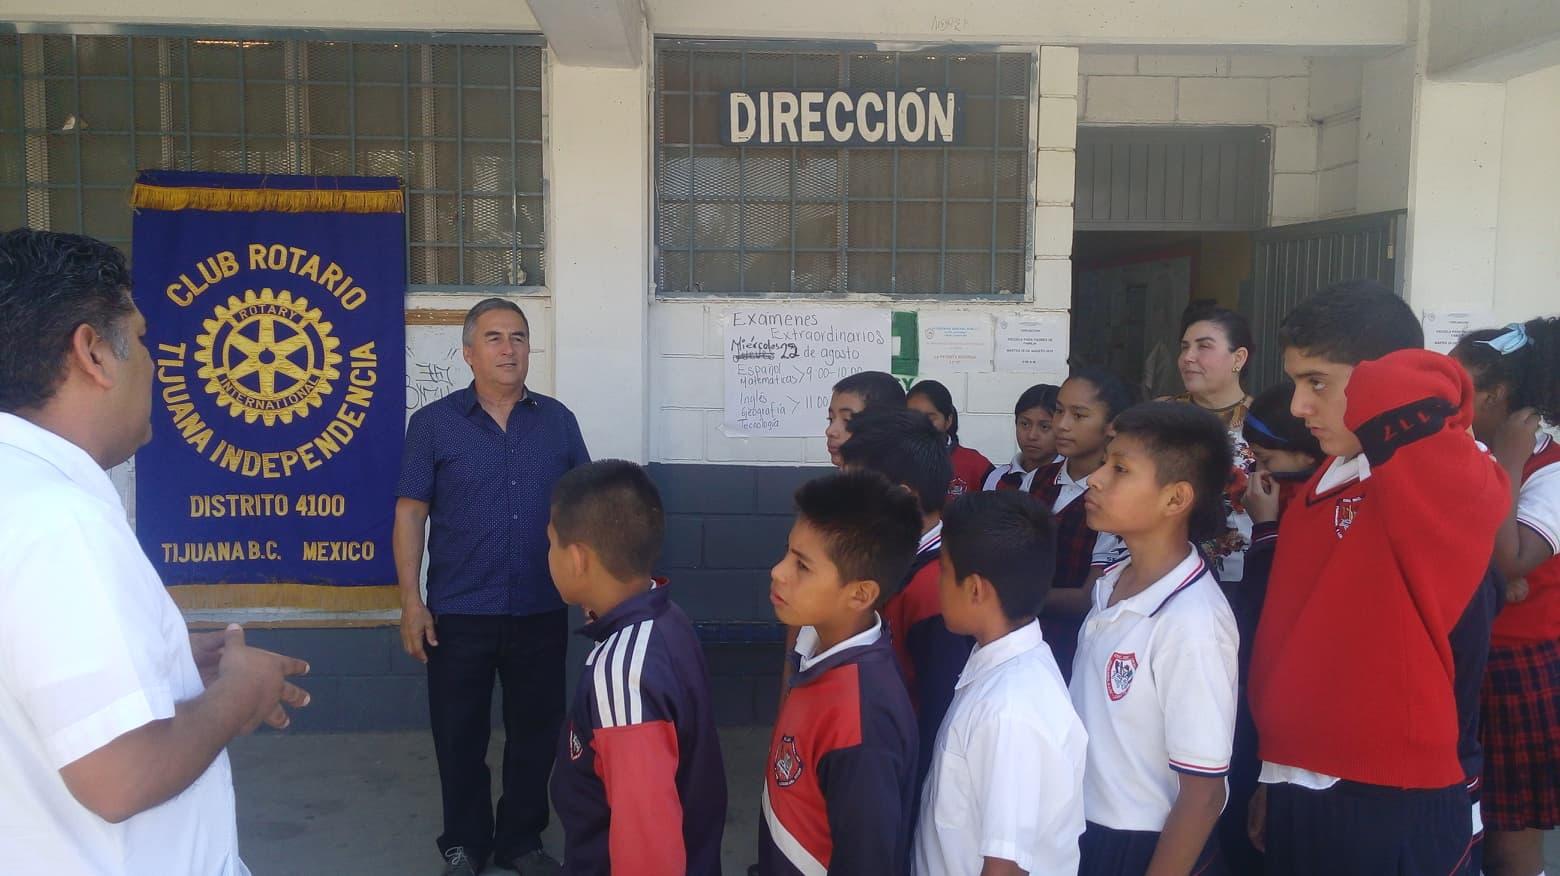 Continúa Club Rotario Independencia apoyando la educación